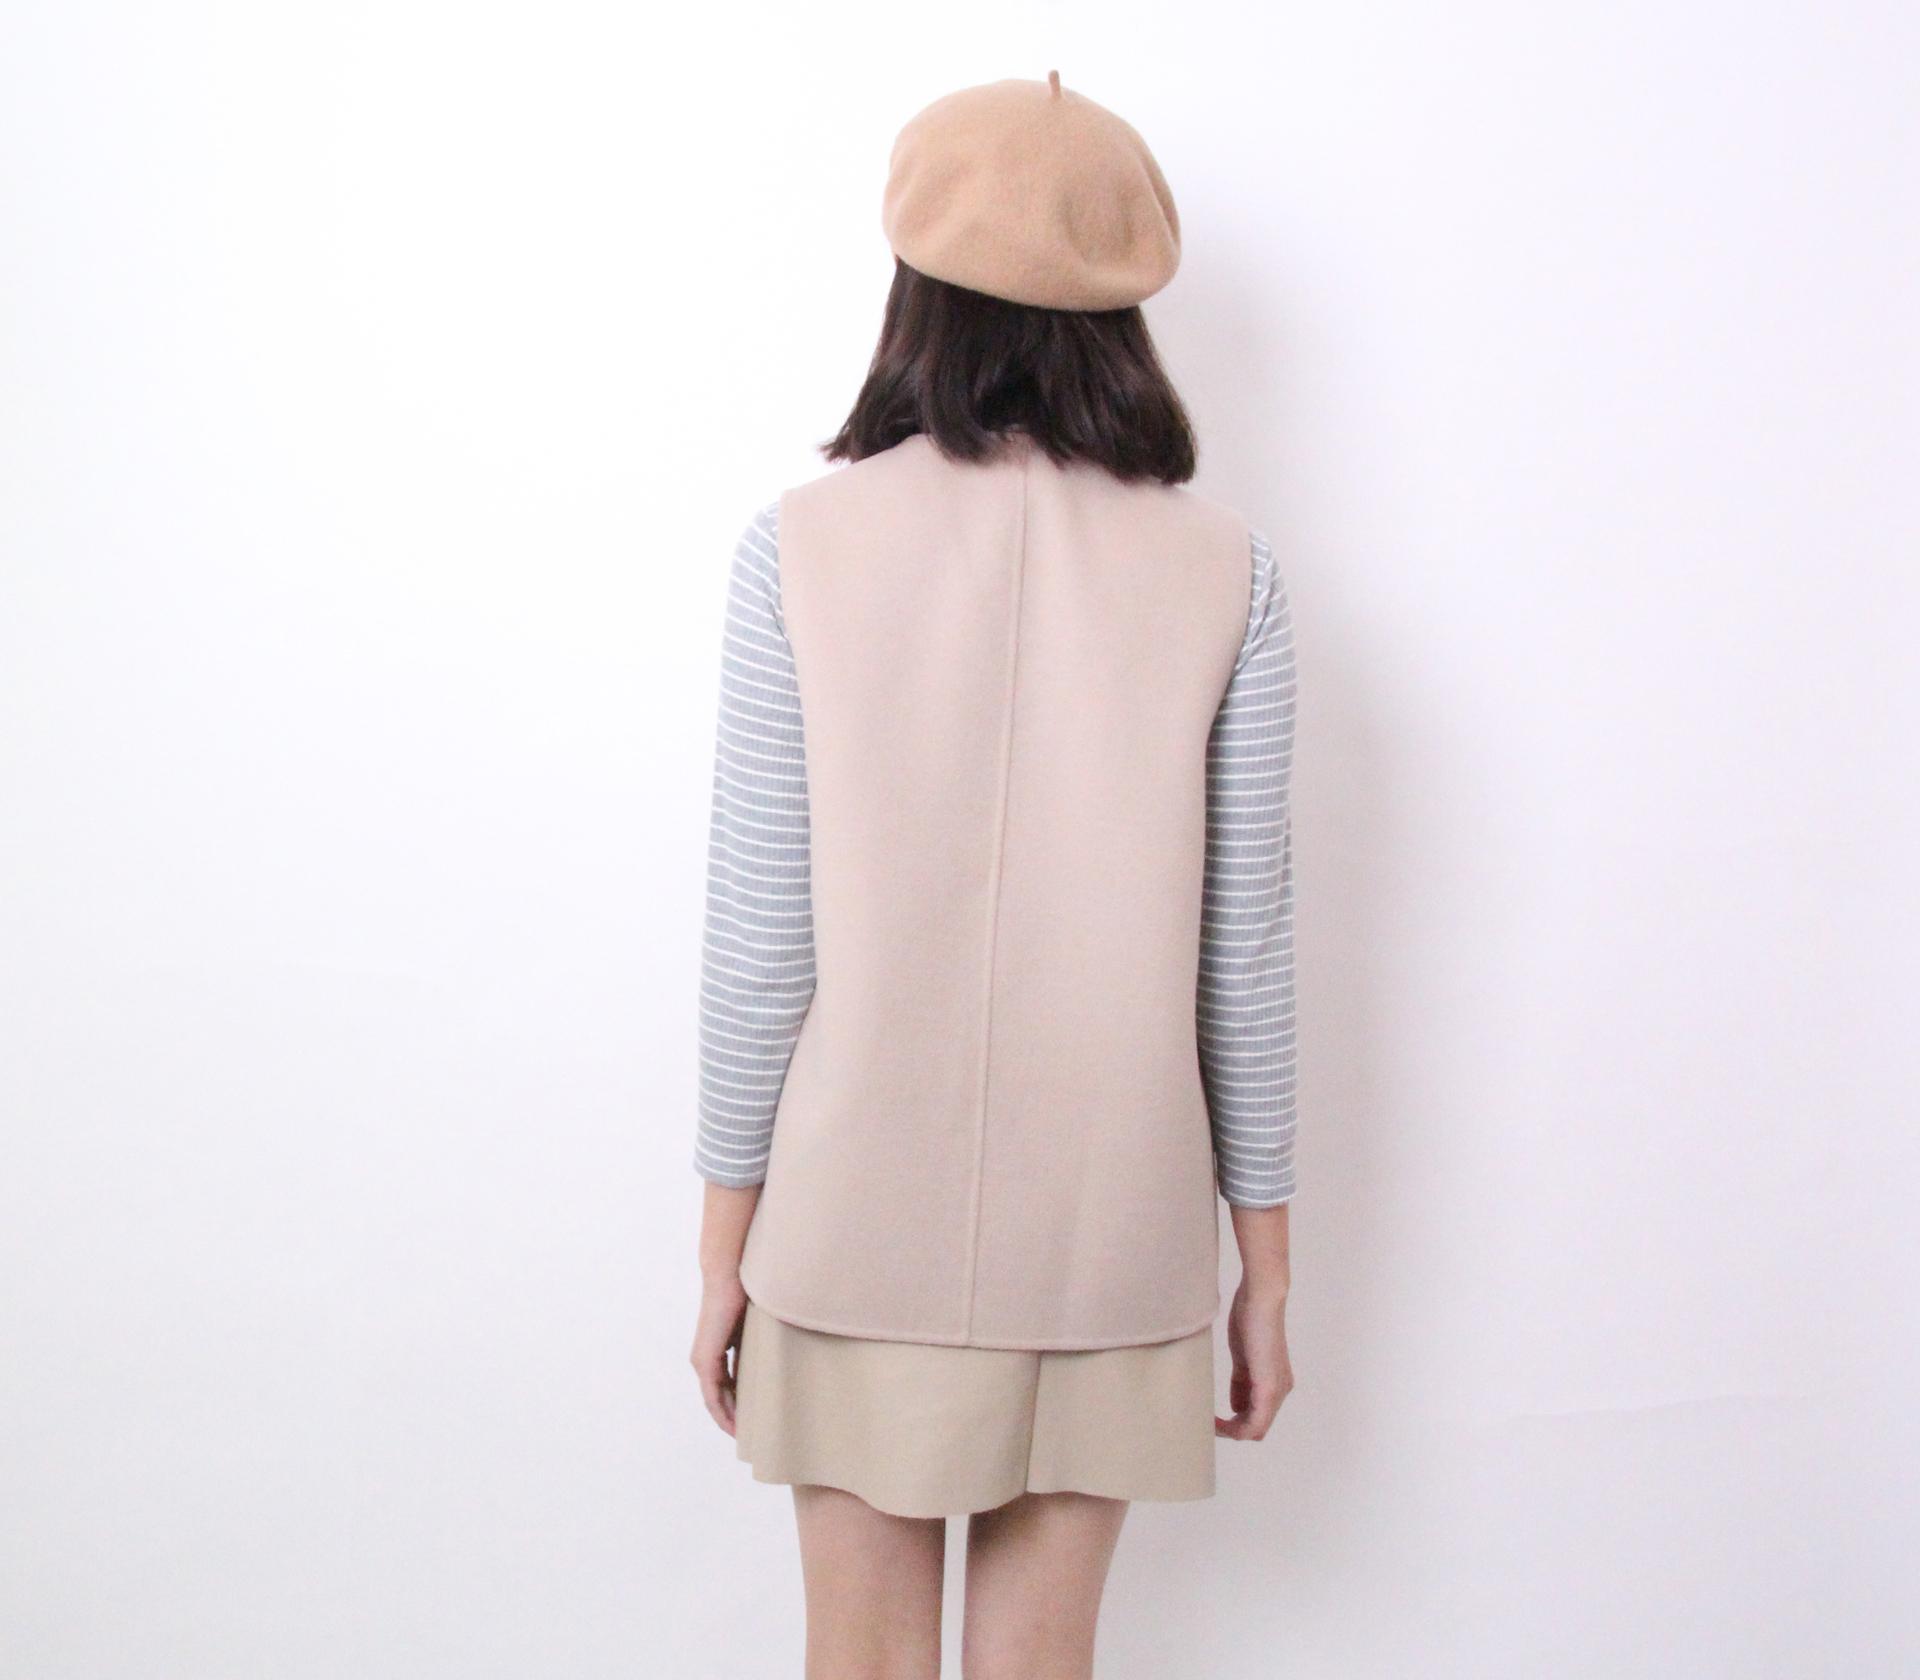 闕蘭絹簡約版短版羊毛背心-米白色-291-1